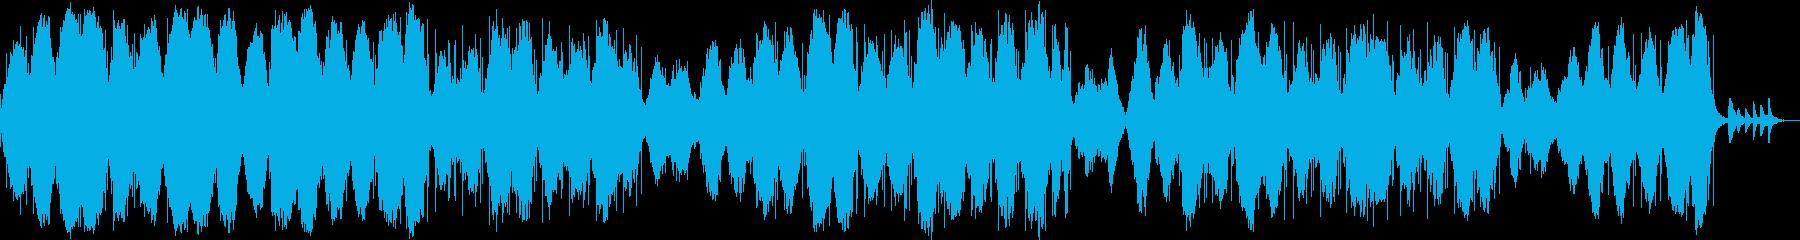 ダークで幻想的、憂鬱なアンビエントシンセの再生済みの波形